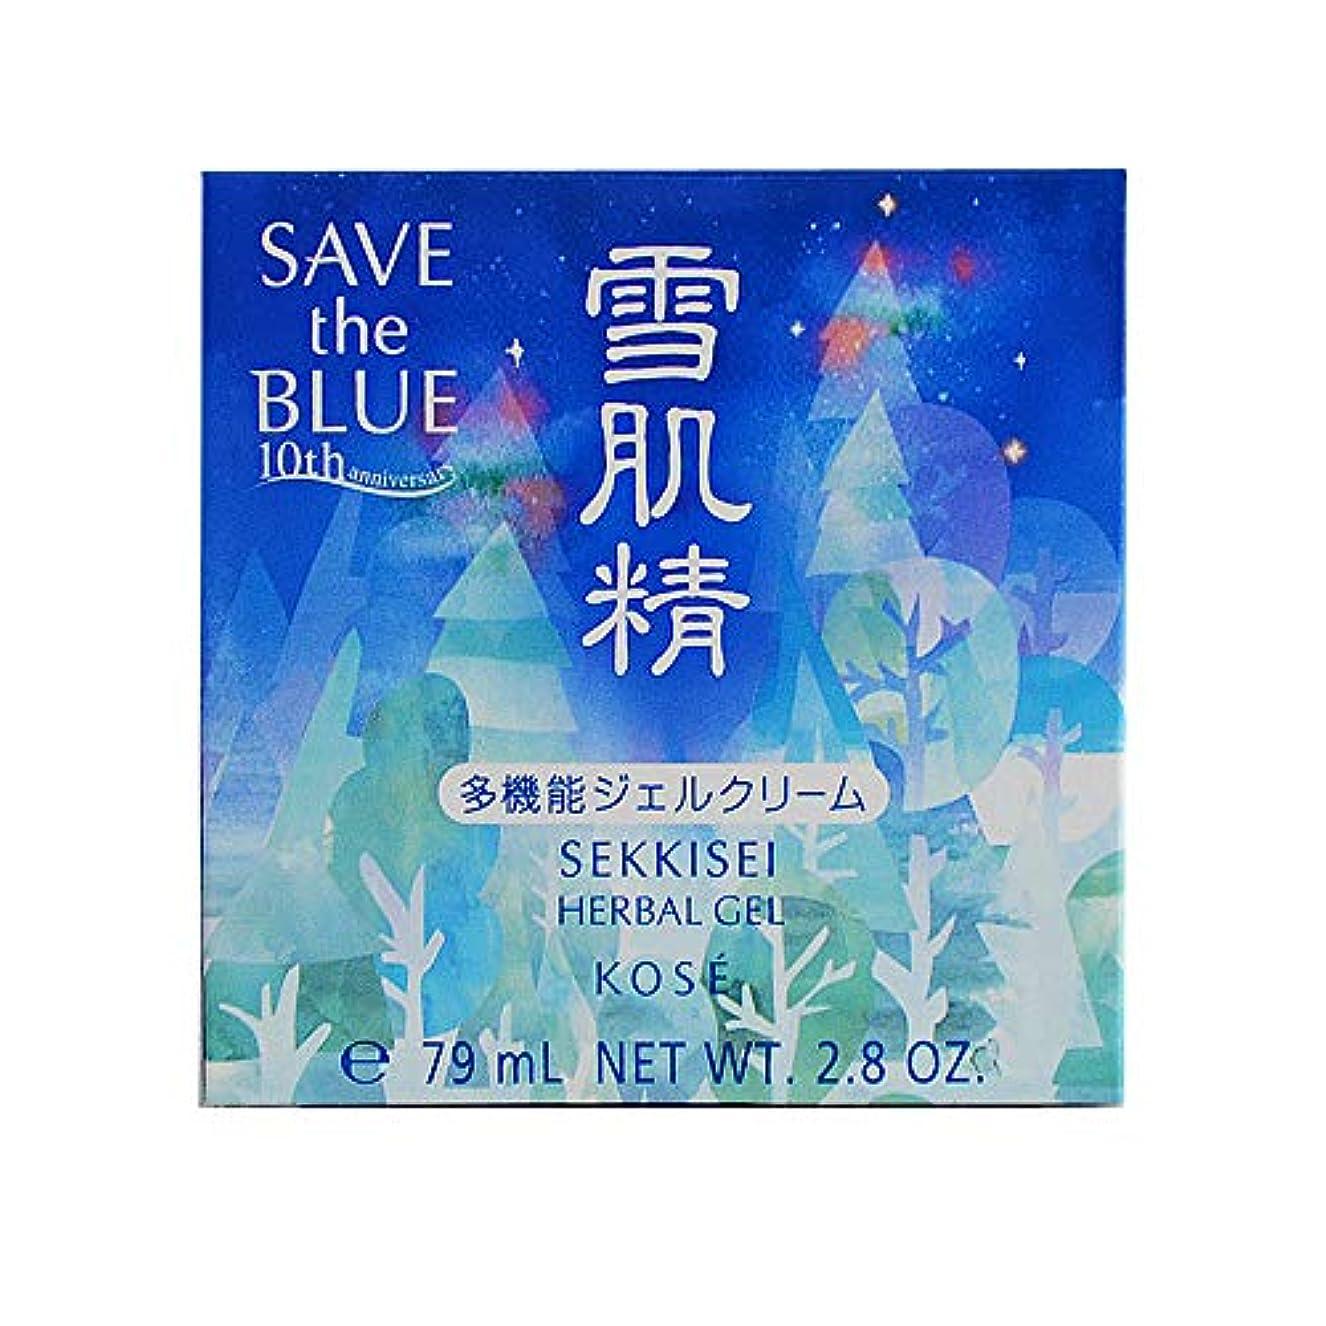 ロボット水曜日忠実コーセー 雪肌精 ハーバルジェル 80g (SAVE the BLUE) [ フェイスクリーム ] [並行輸入品]